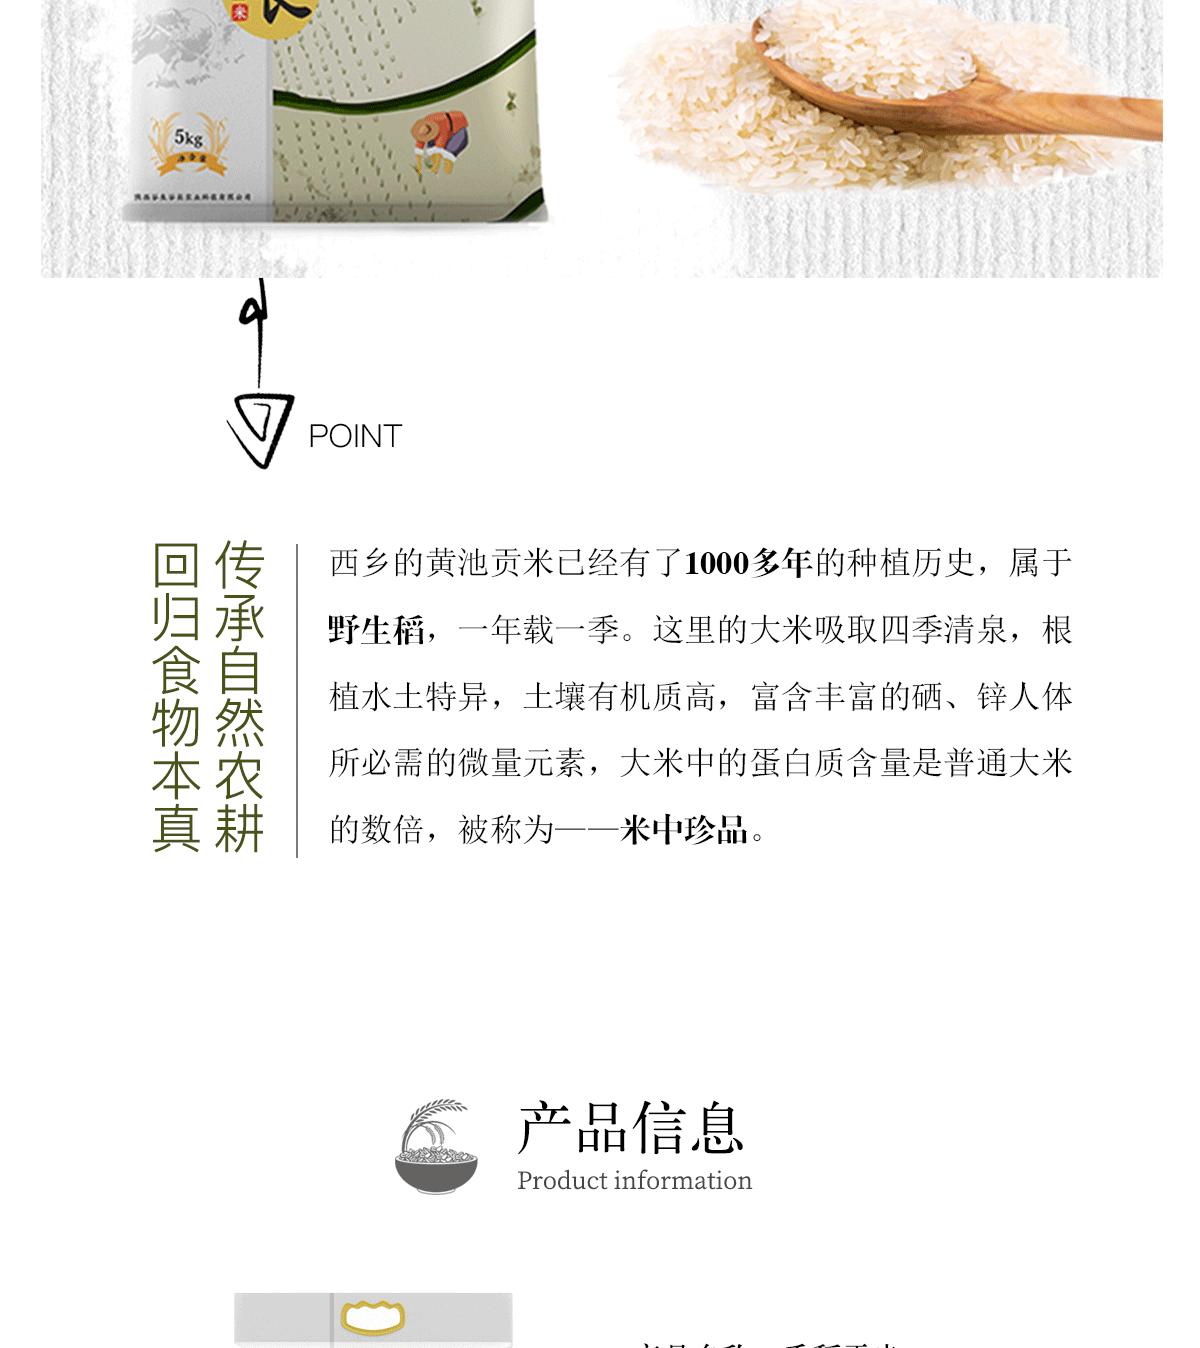 香稻贡米_02.png